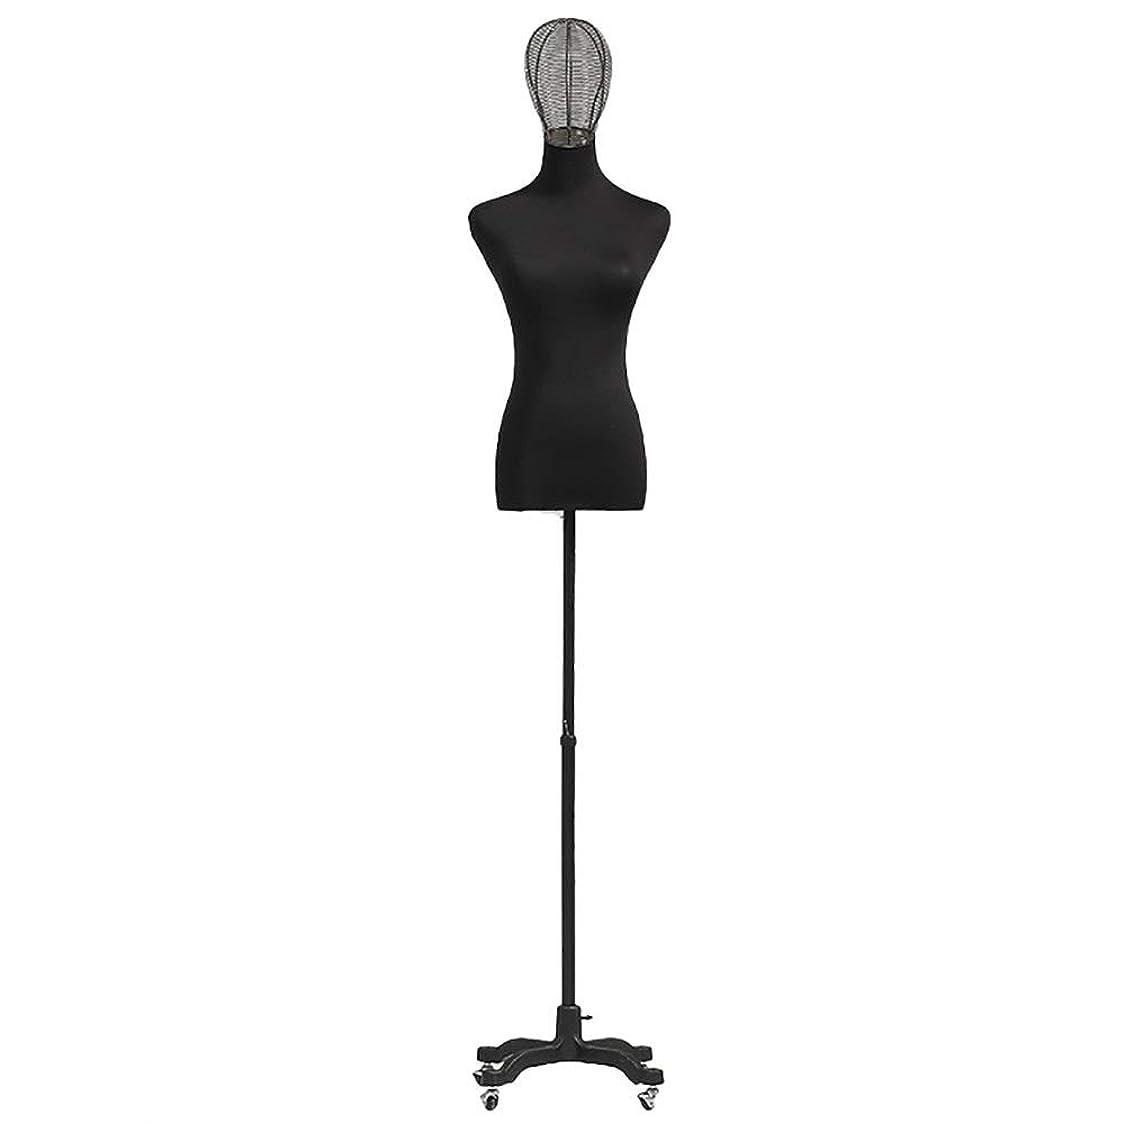 好意的損なう船酔いレディーストルソー マネキン 取り外し可能な腕を備えた女性のマネキン胴体、スタジオ/小売/衣料品店用の高さ調整可能なテーラーダミー、ブラック (Color : Style 2, Size : S)